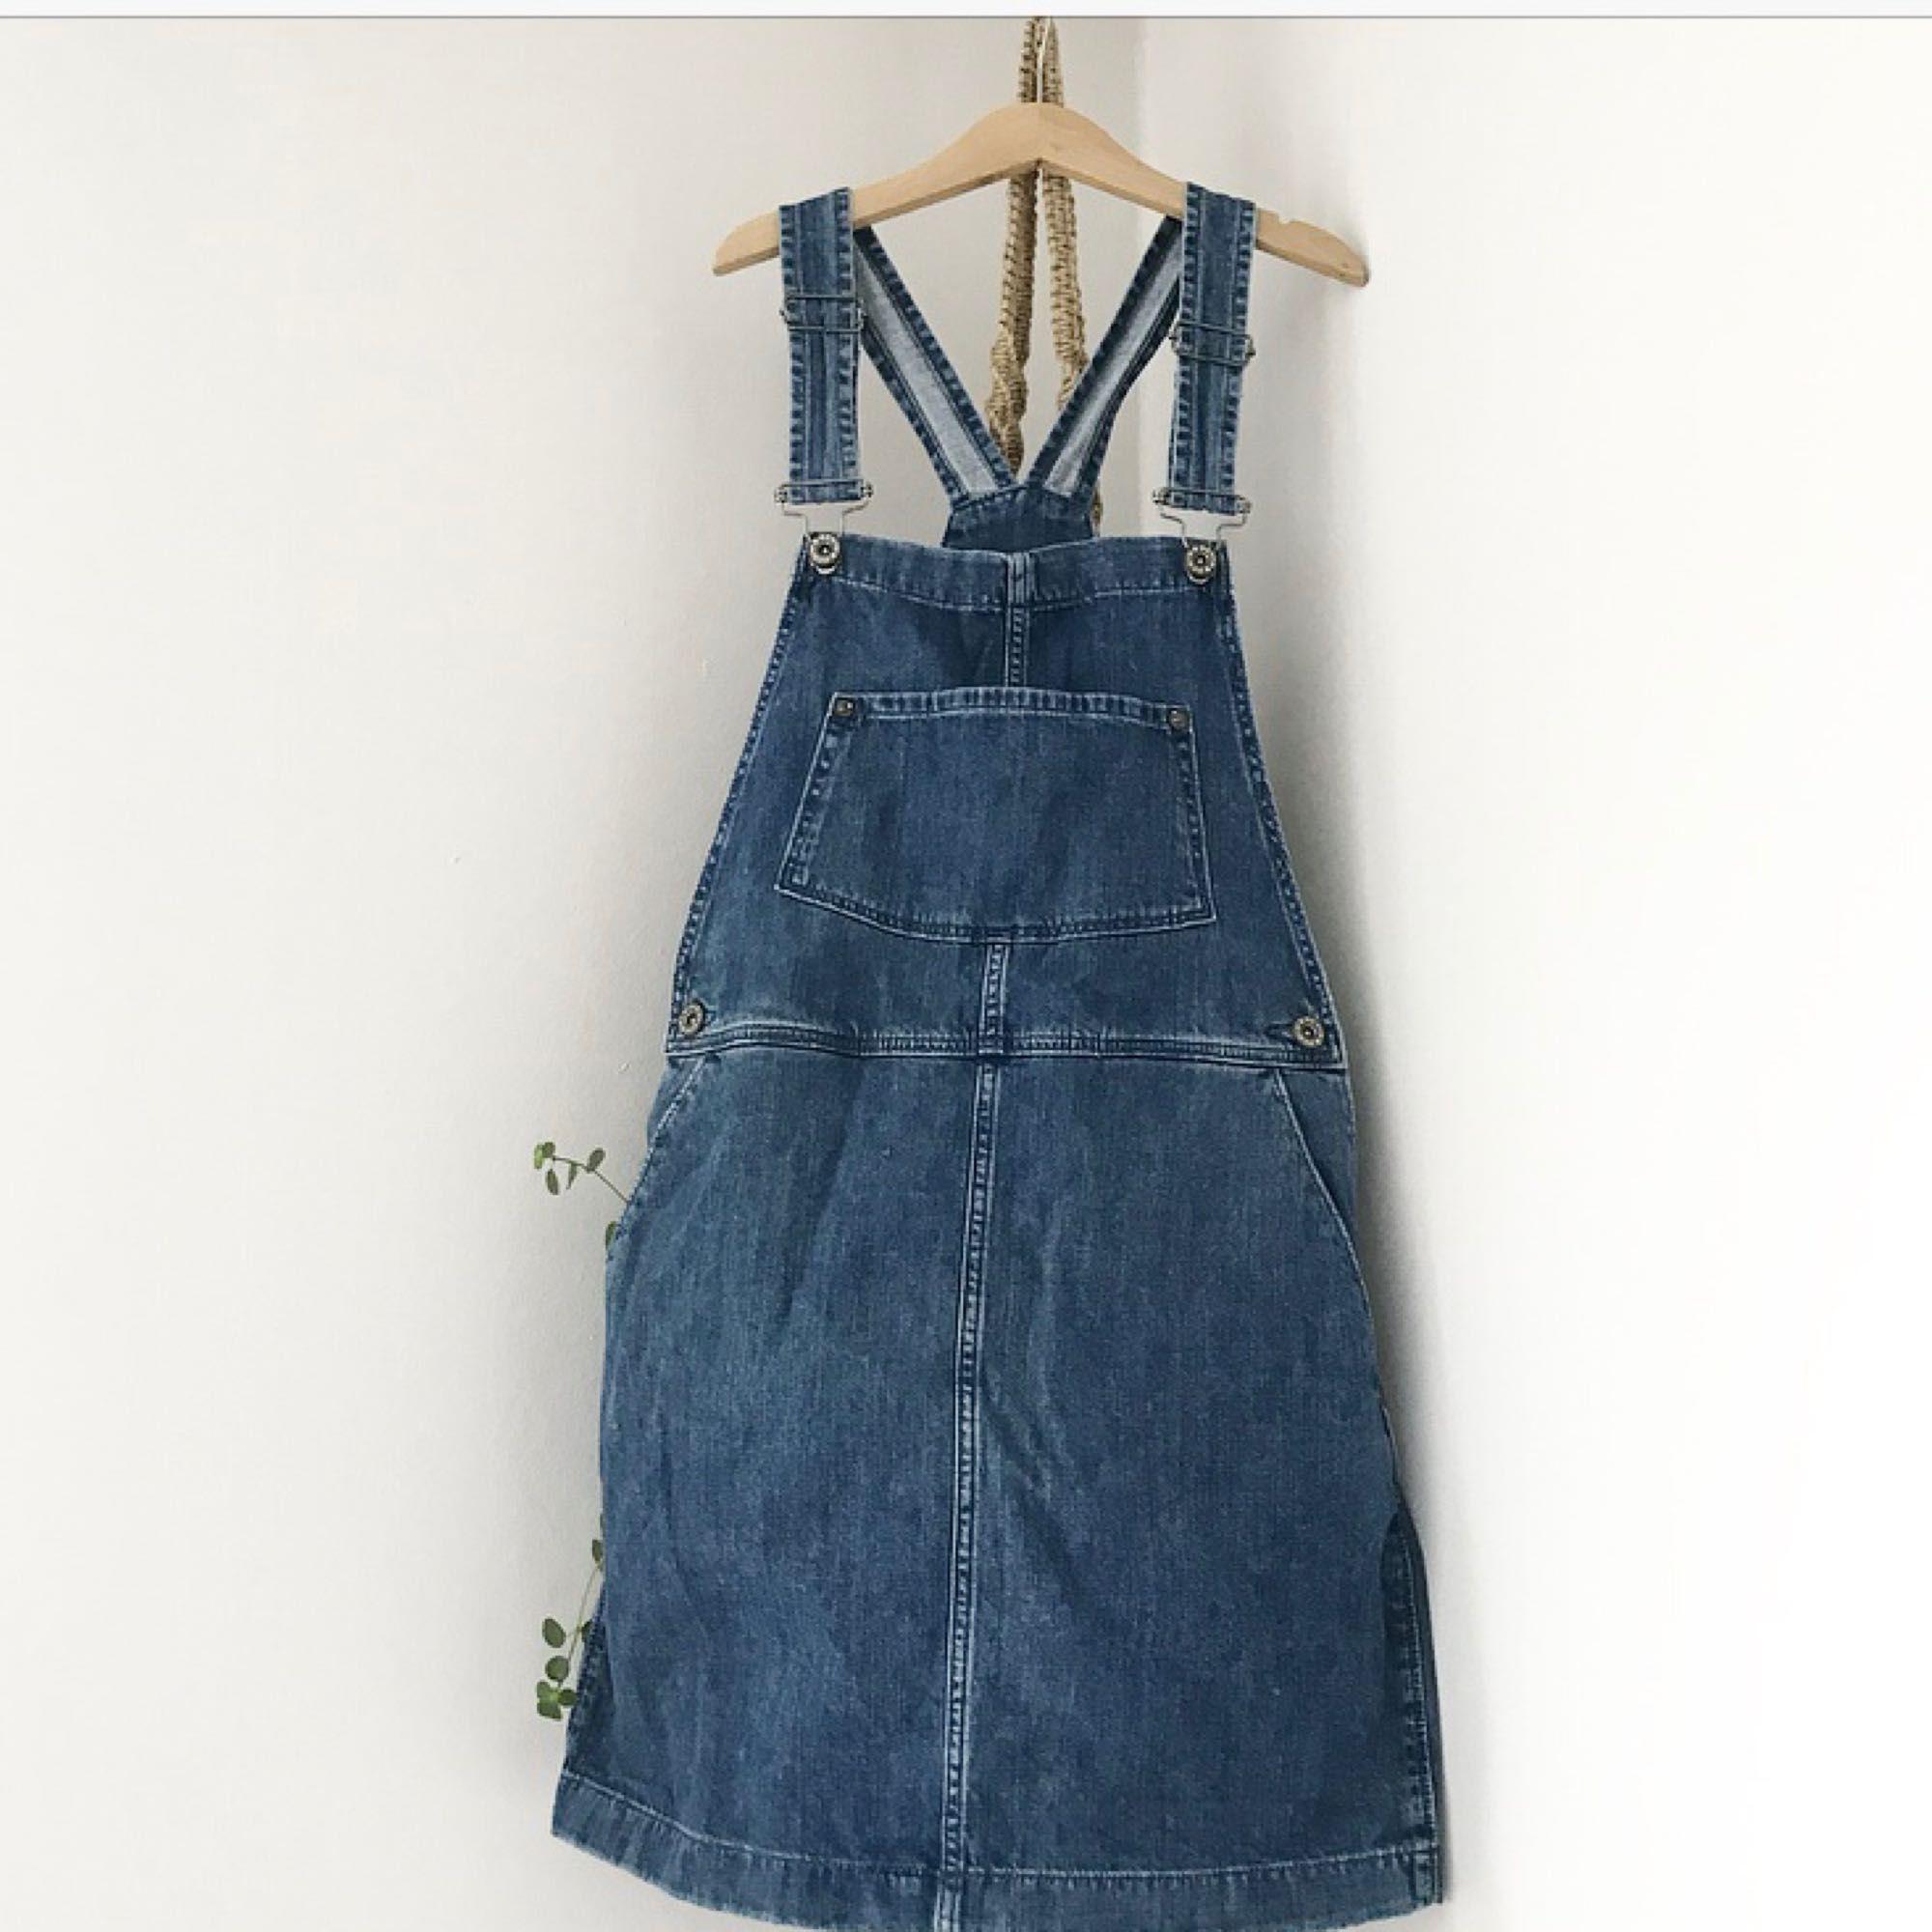 badb04583383 Söt hängselklänning i jeanstyg från h&m. Lika fin som när jag köpte den!